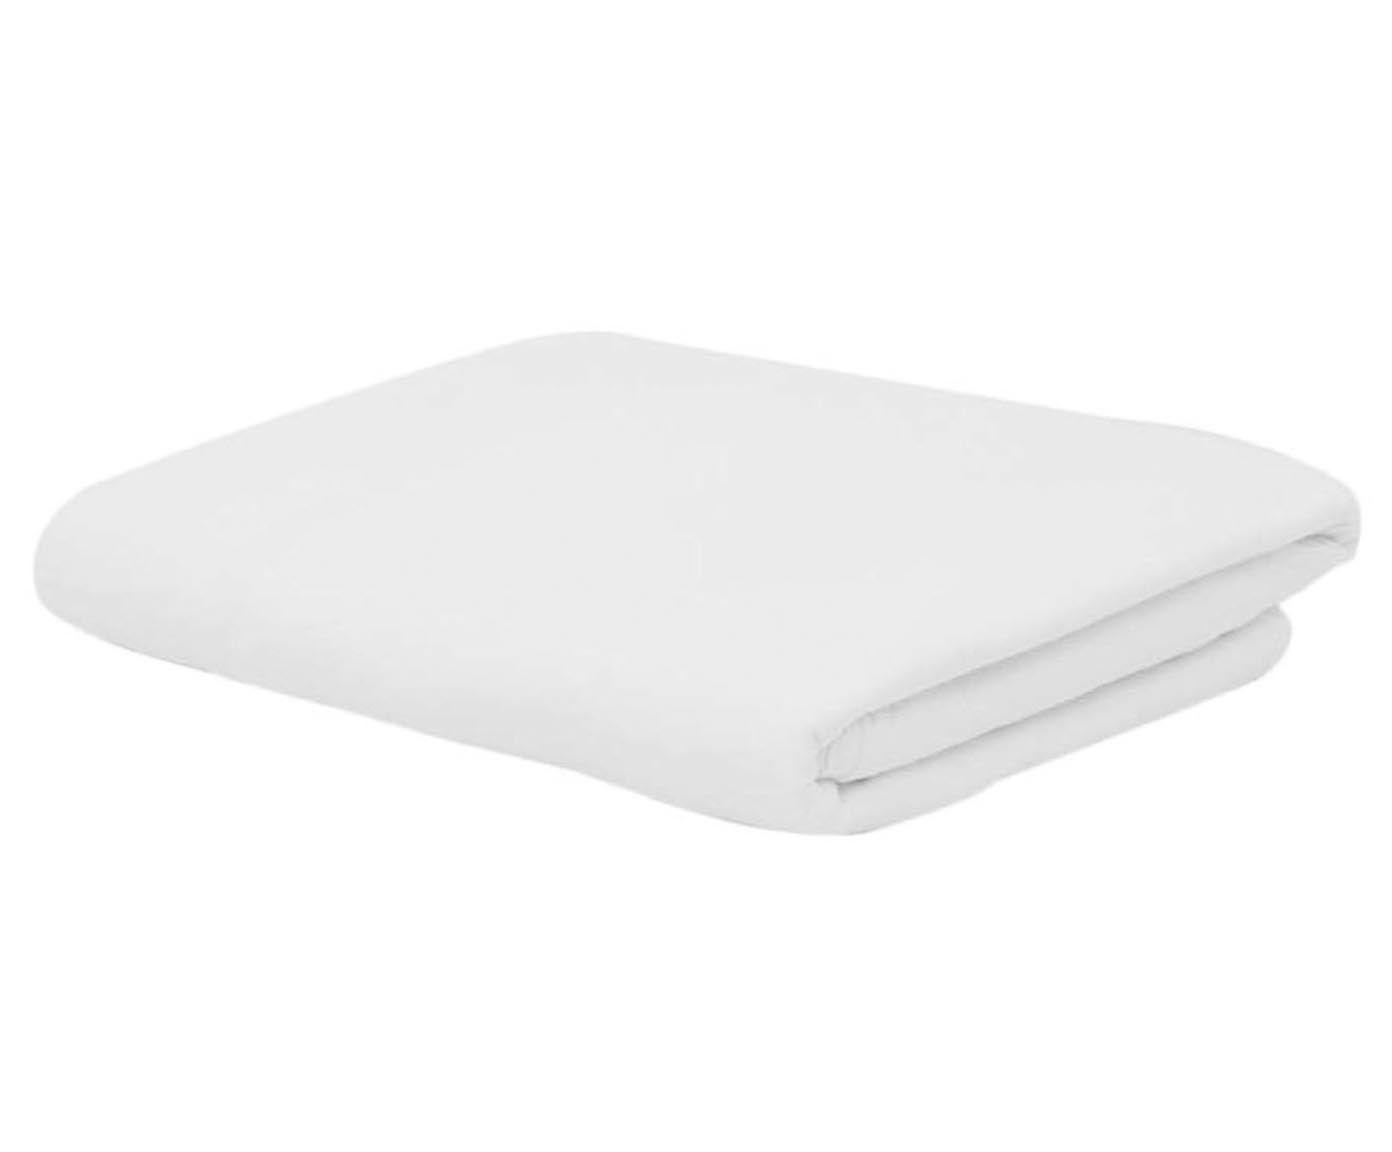 Lençol cosmos union - para cama king size | Westwing.com.br